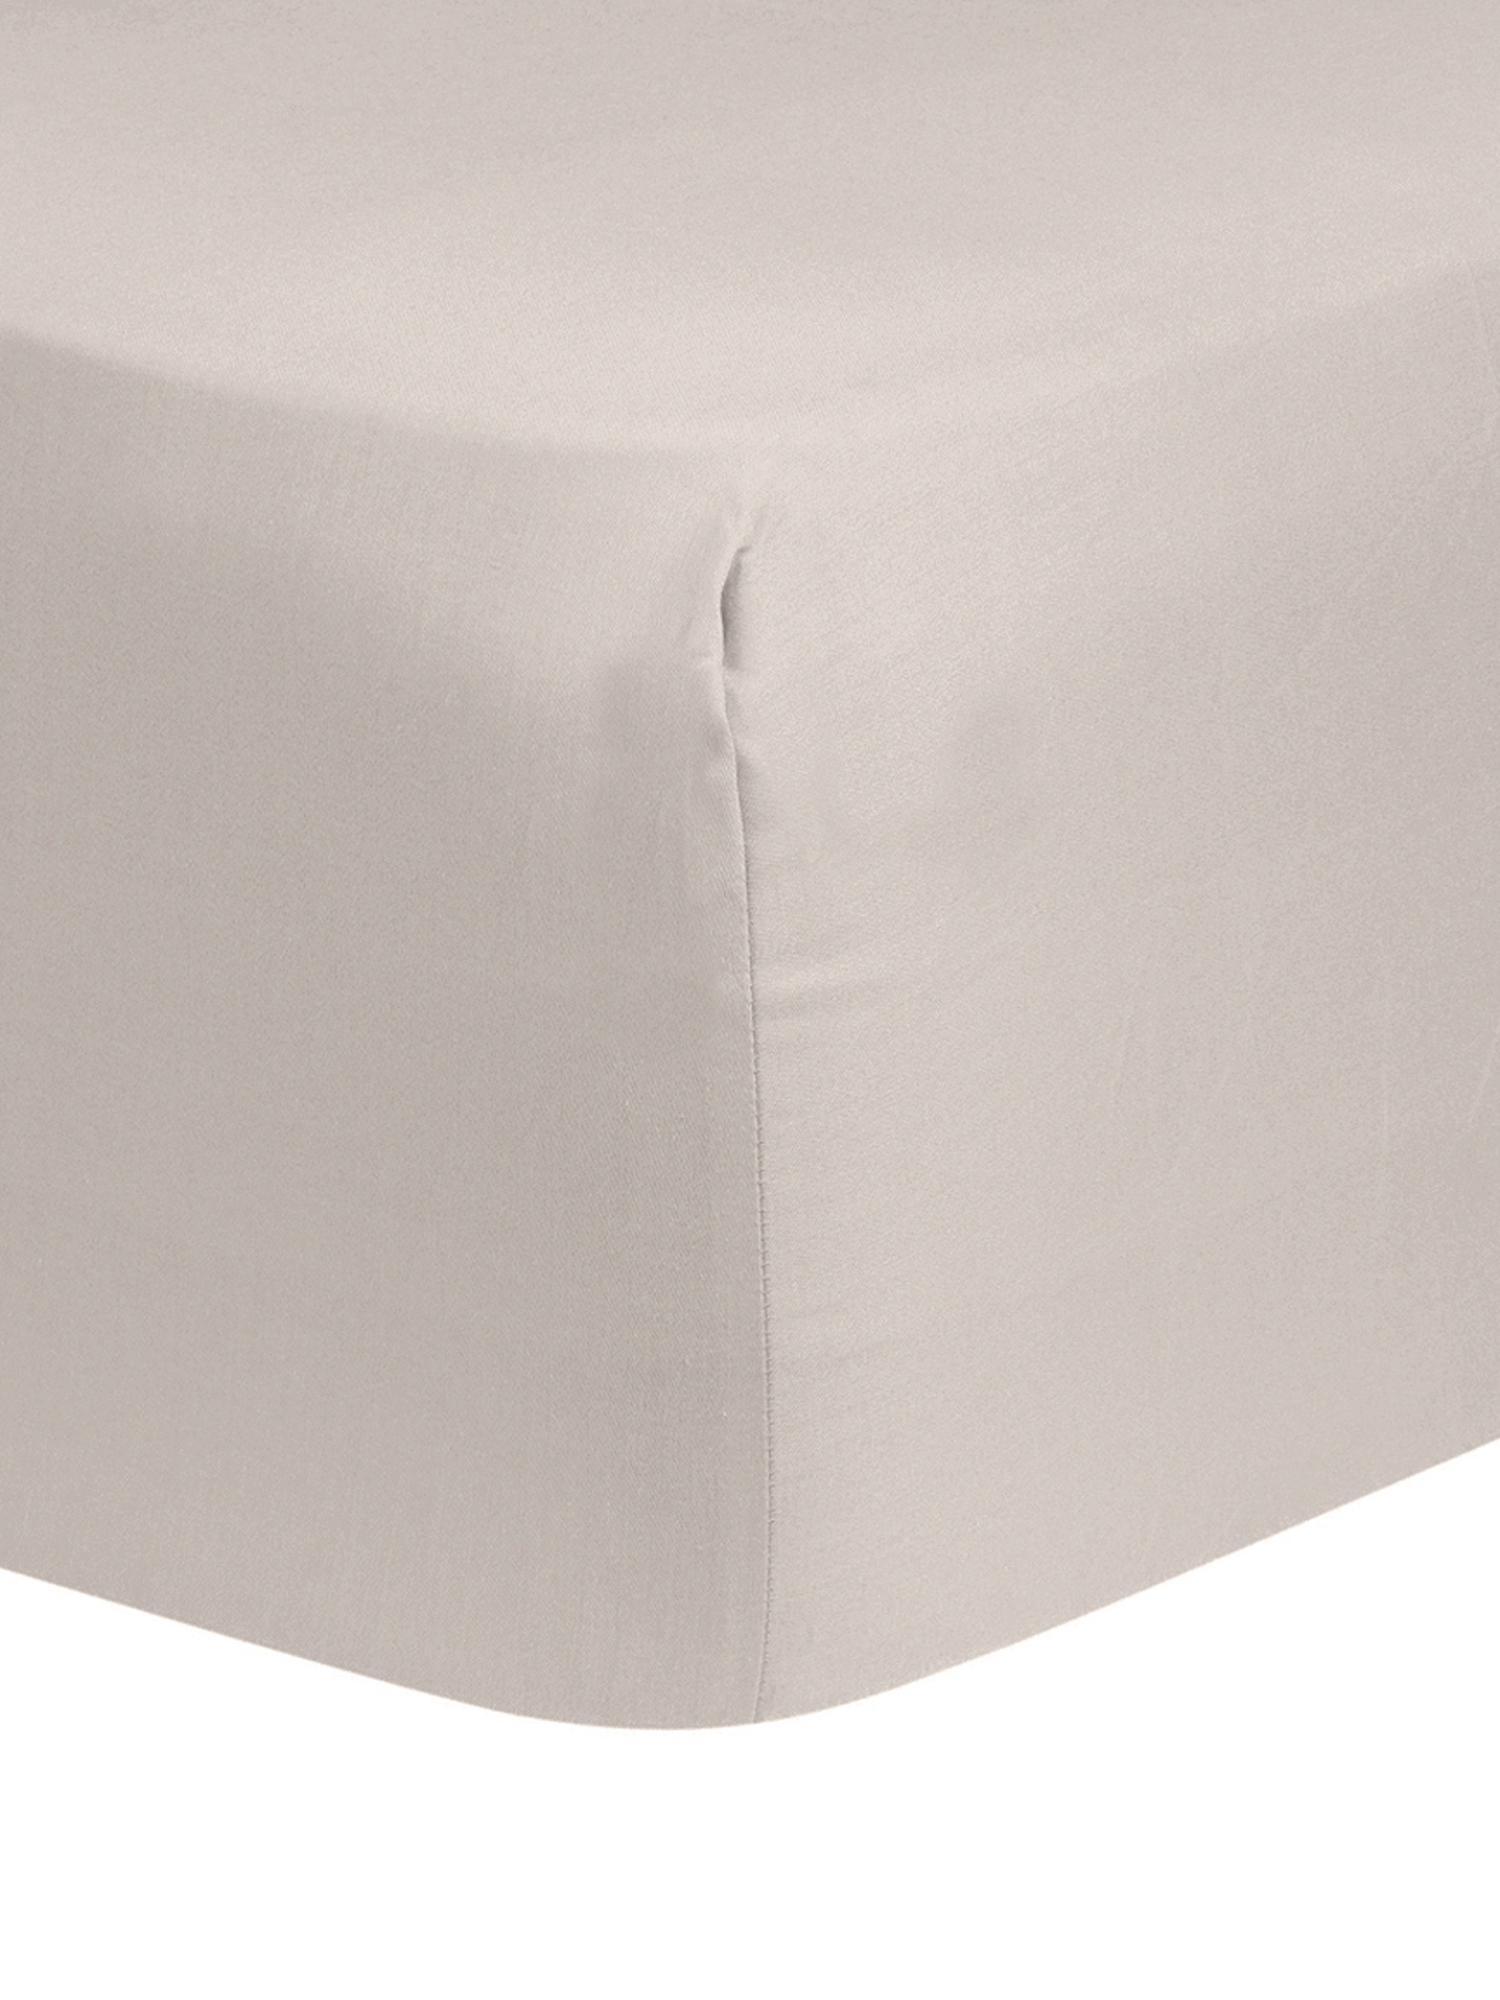 Spannbettlaken Comfort, Baumwollsatin, Webart: Satin, leicht glänzend, Taupe, 90 x 200 cm